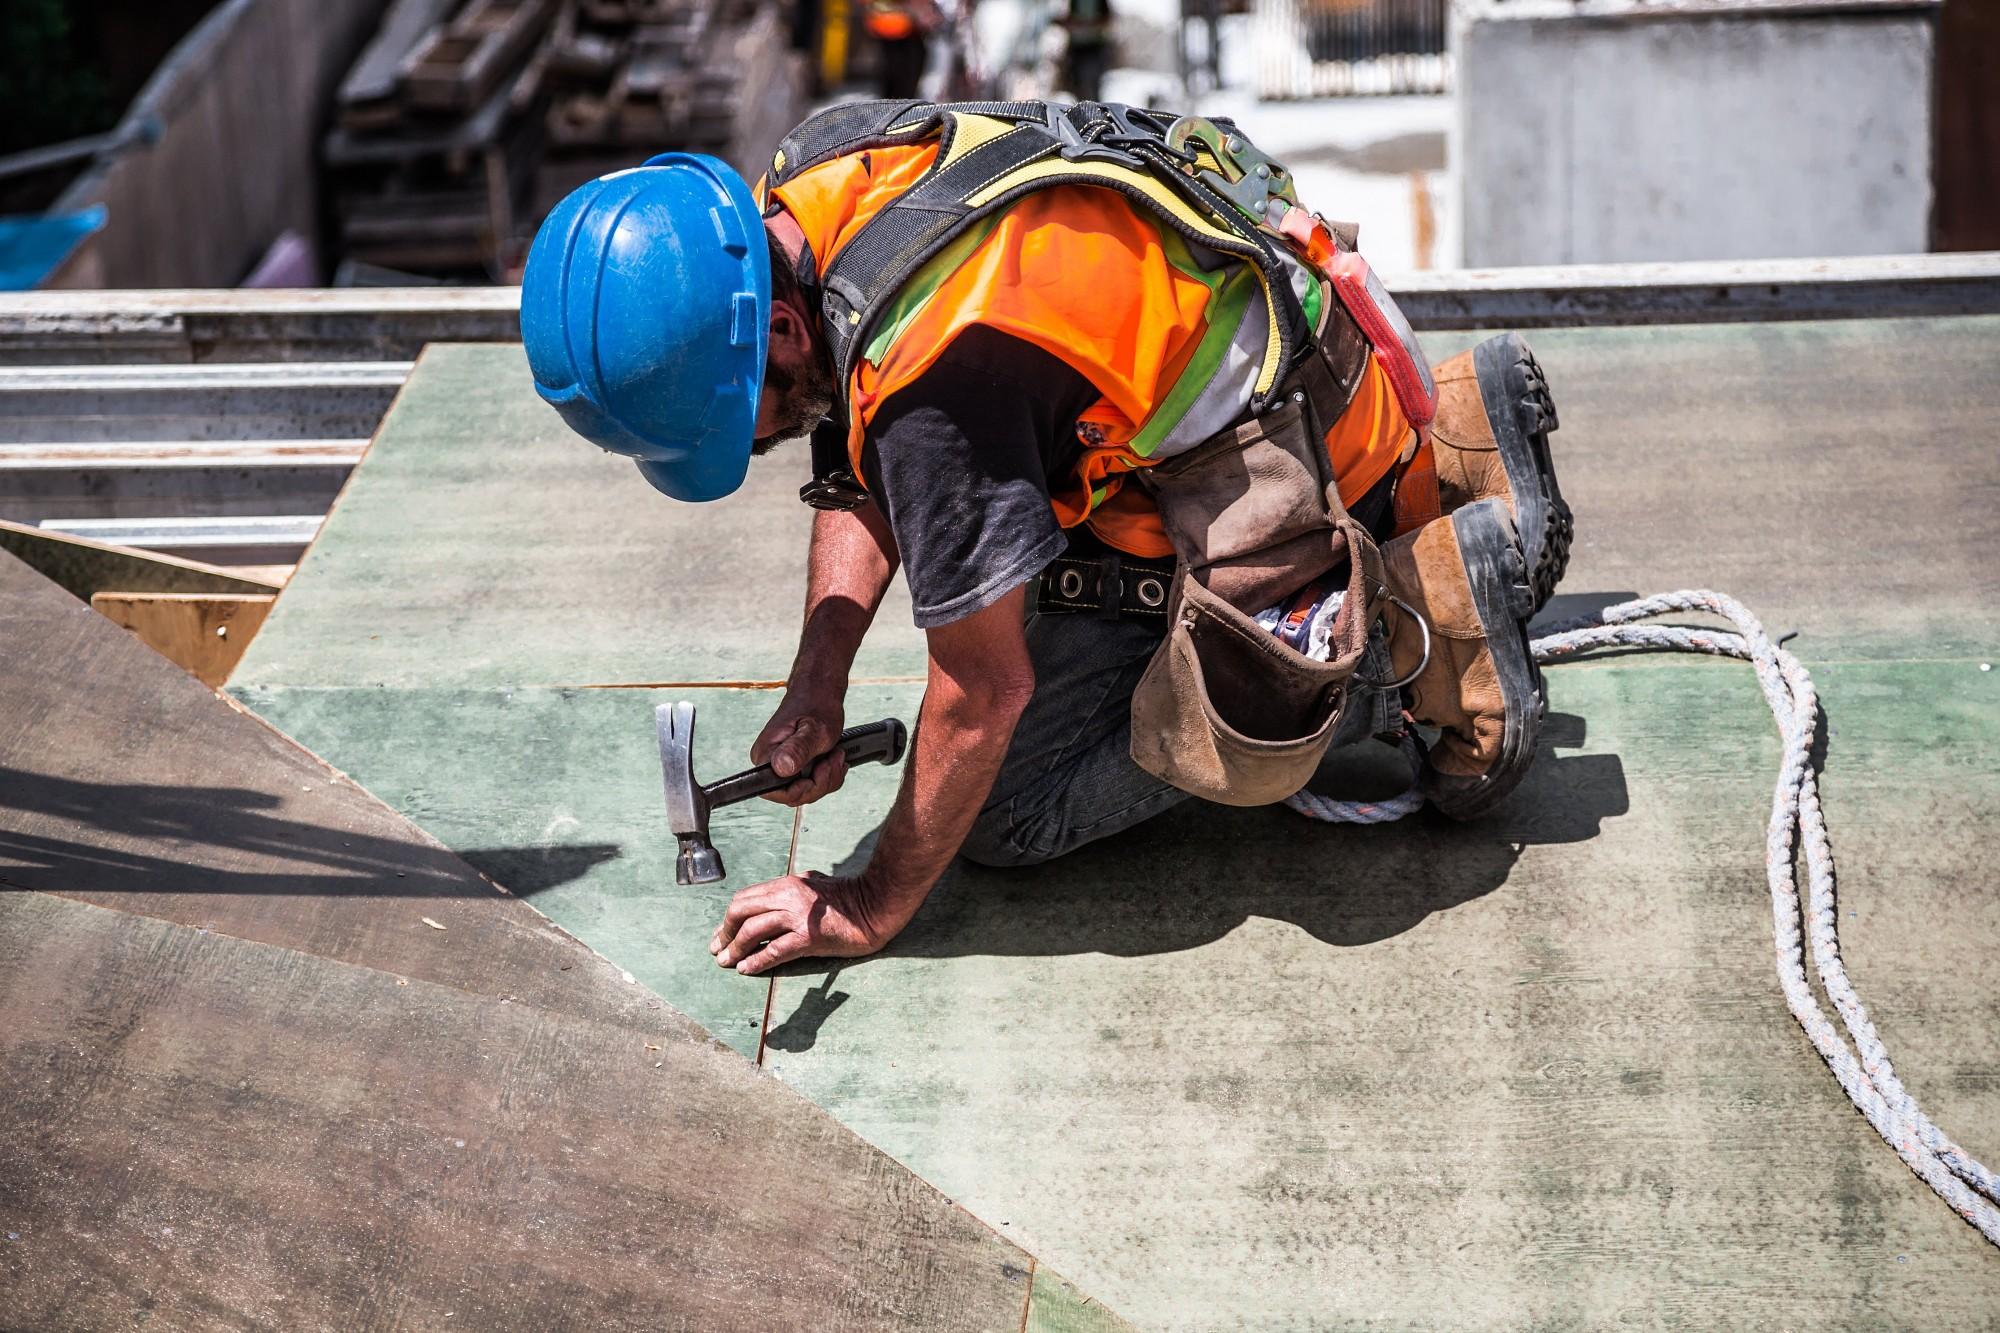 Aizdomās par karteļa vienošanos un kukuļdošanu veic kratīšanas Latvijas lielākajās būvfirmās un pie vairākām valsts amatpersonām